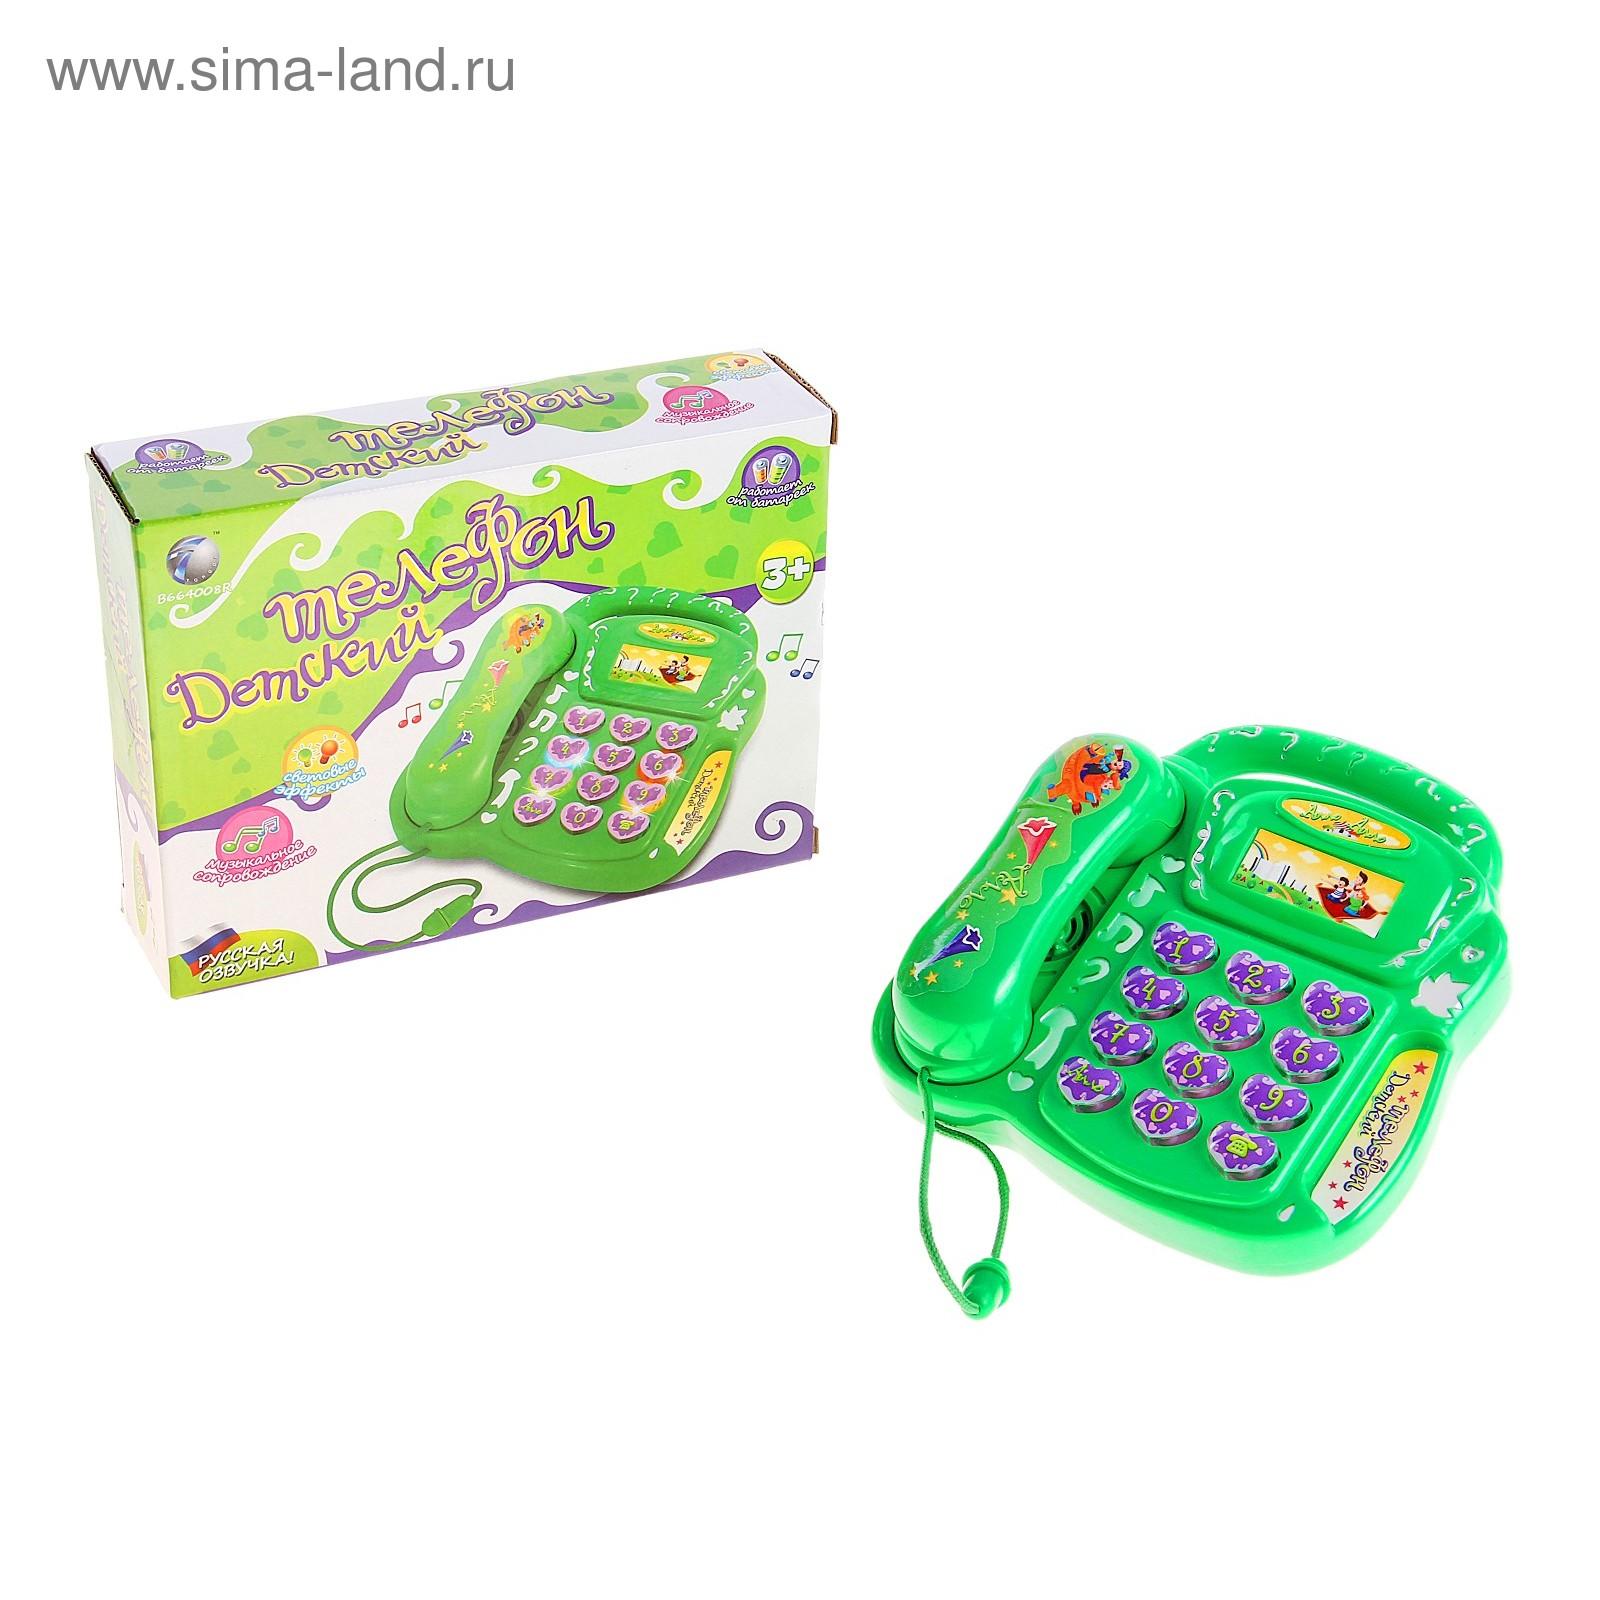 576e9cee3034 Телефон детский, звуковые эффекты, работает от батареек (624207 ...